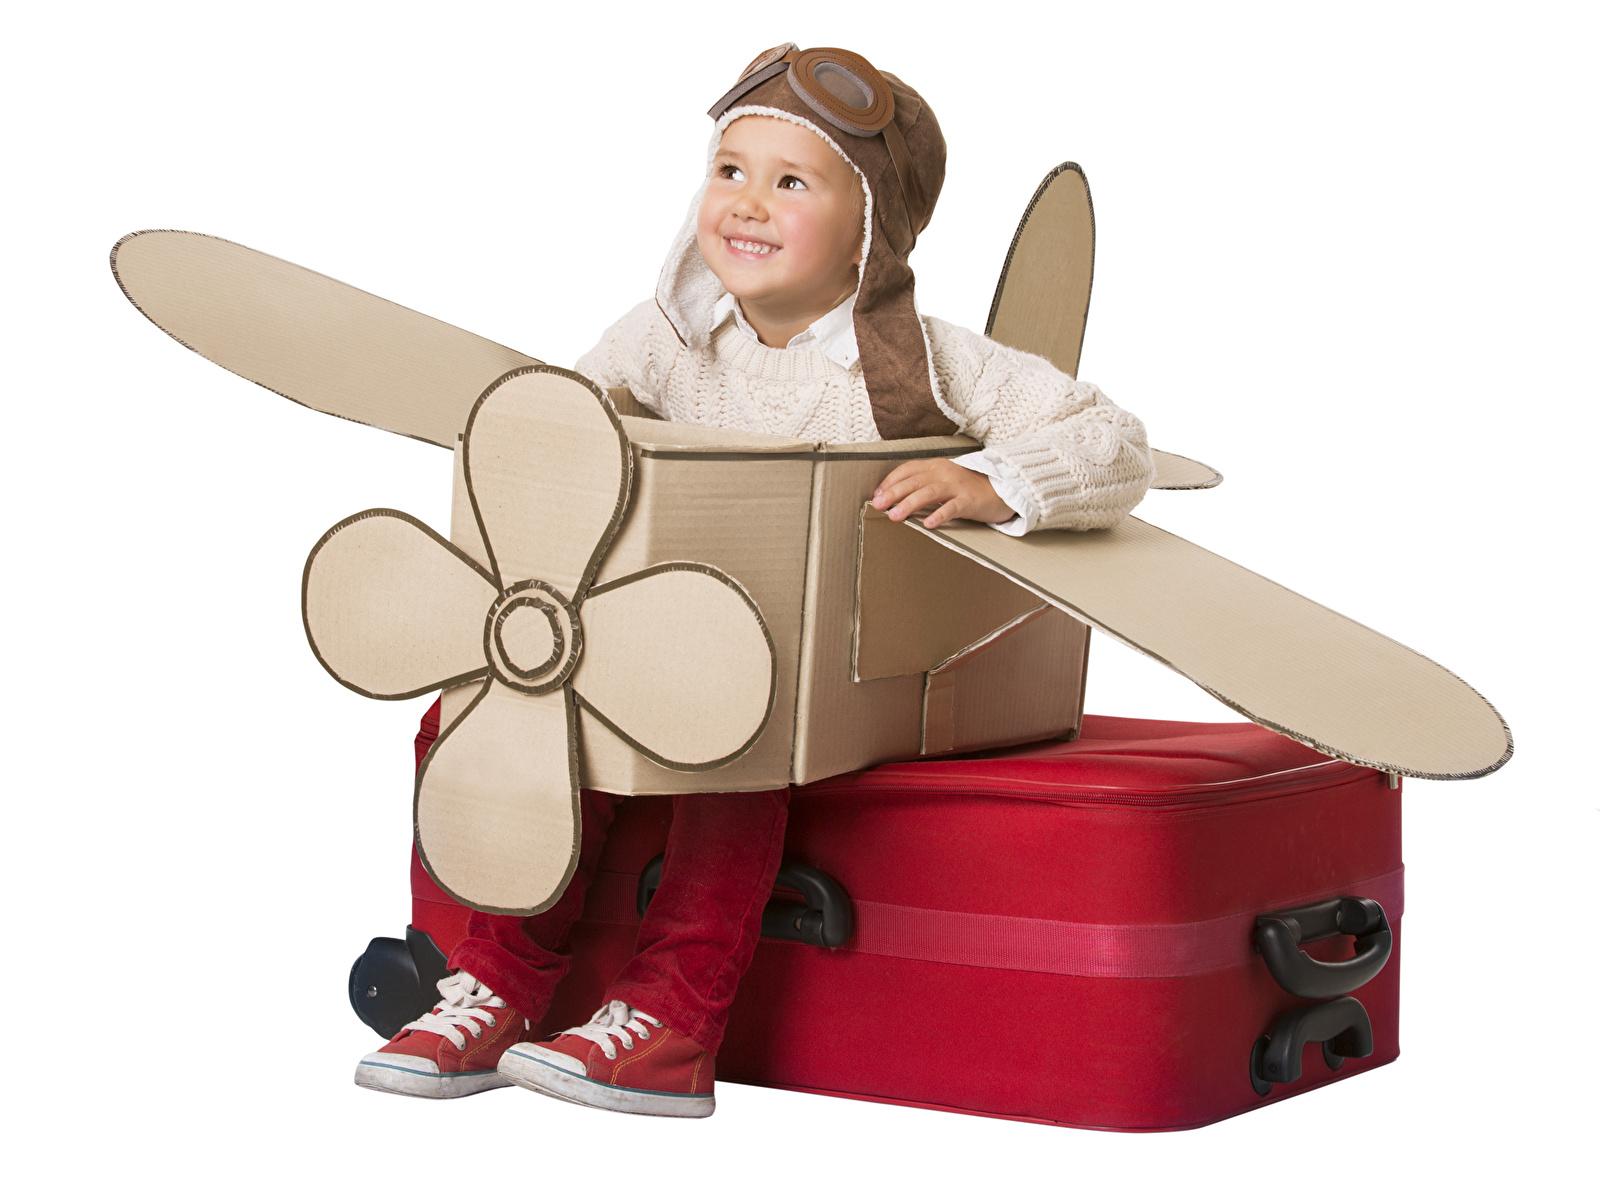 Foto Junge Flugzeuge Helm Lächeln Kinder Koffer Kreativ Weißer hintergrund 1600x1200